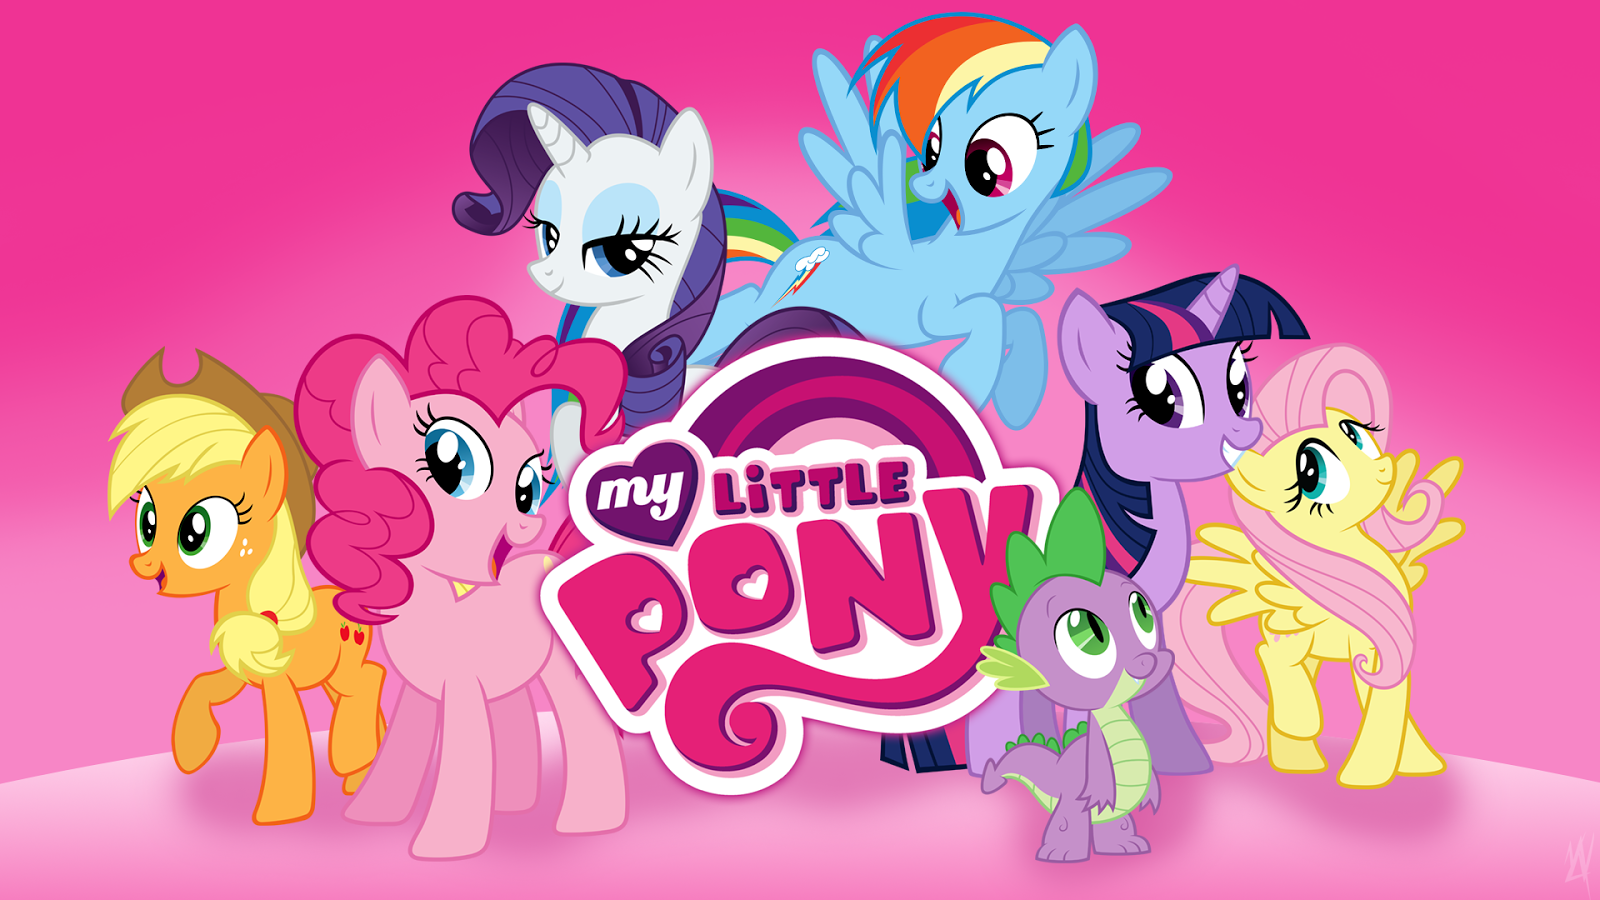 Blo my little pony